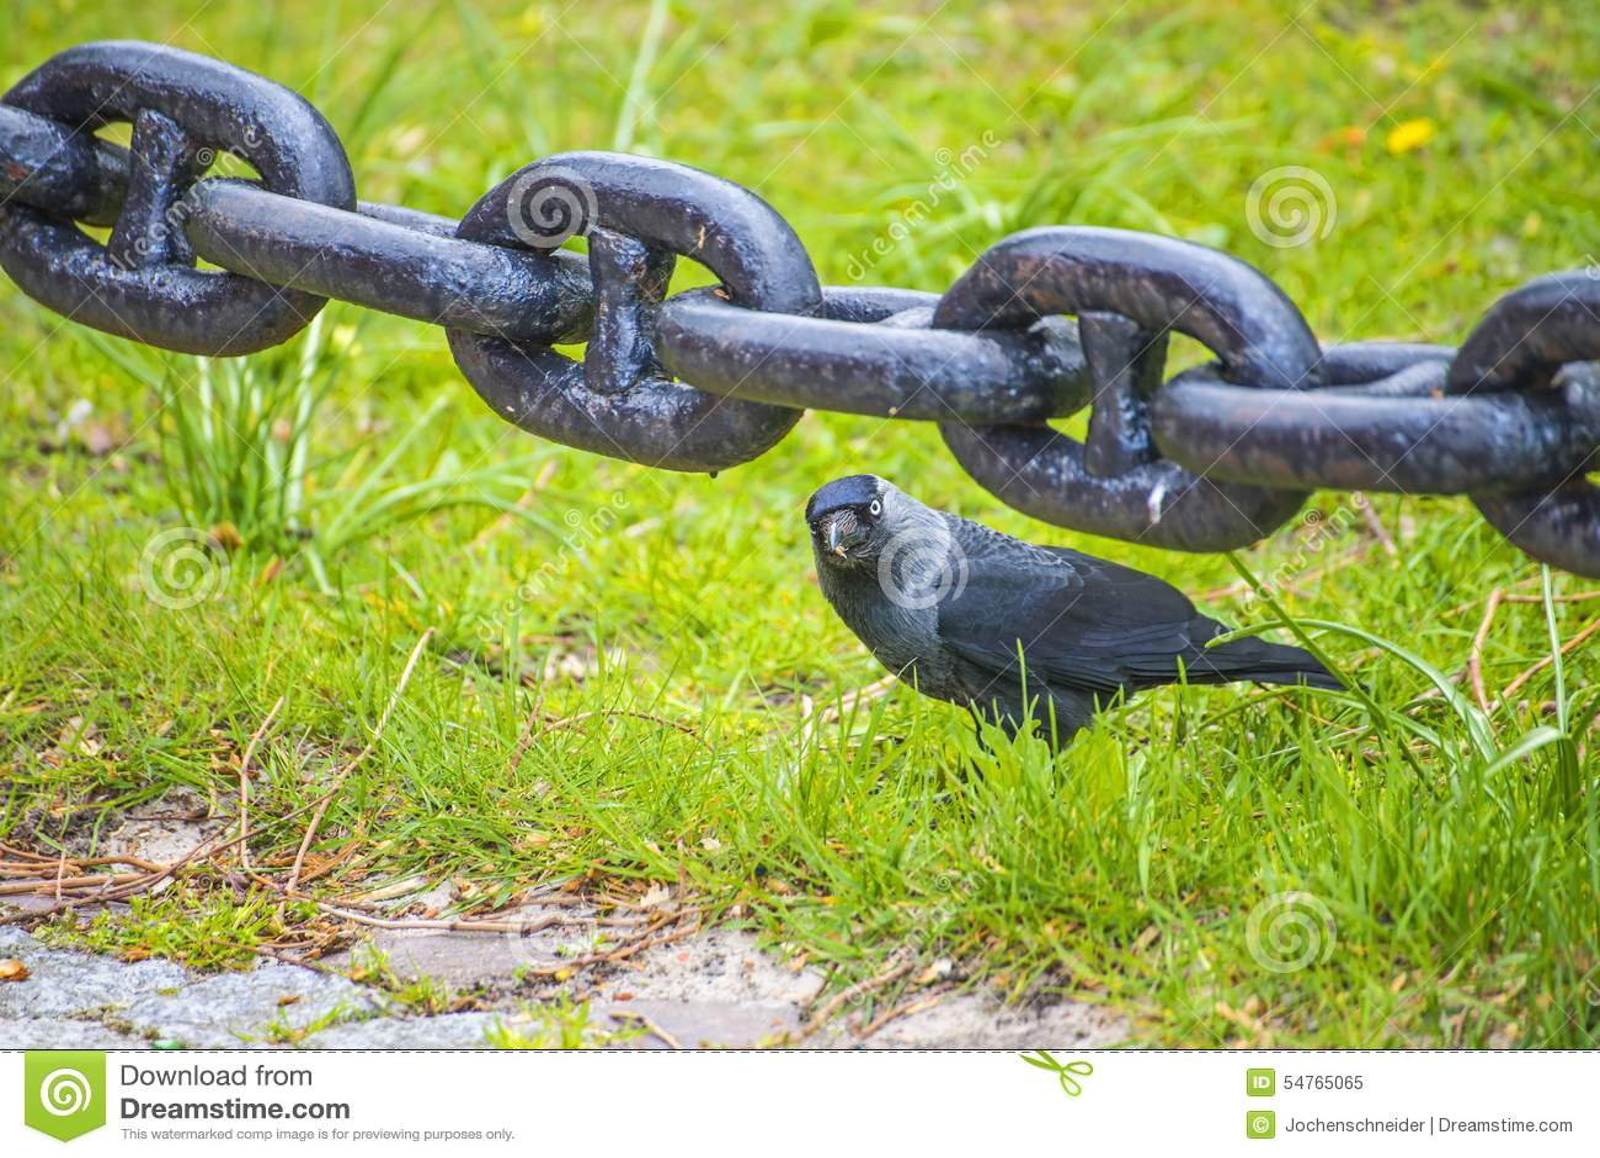 z 547 z chain